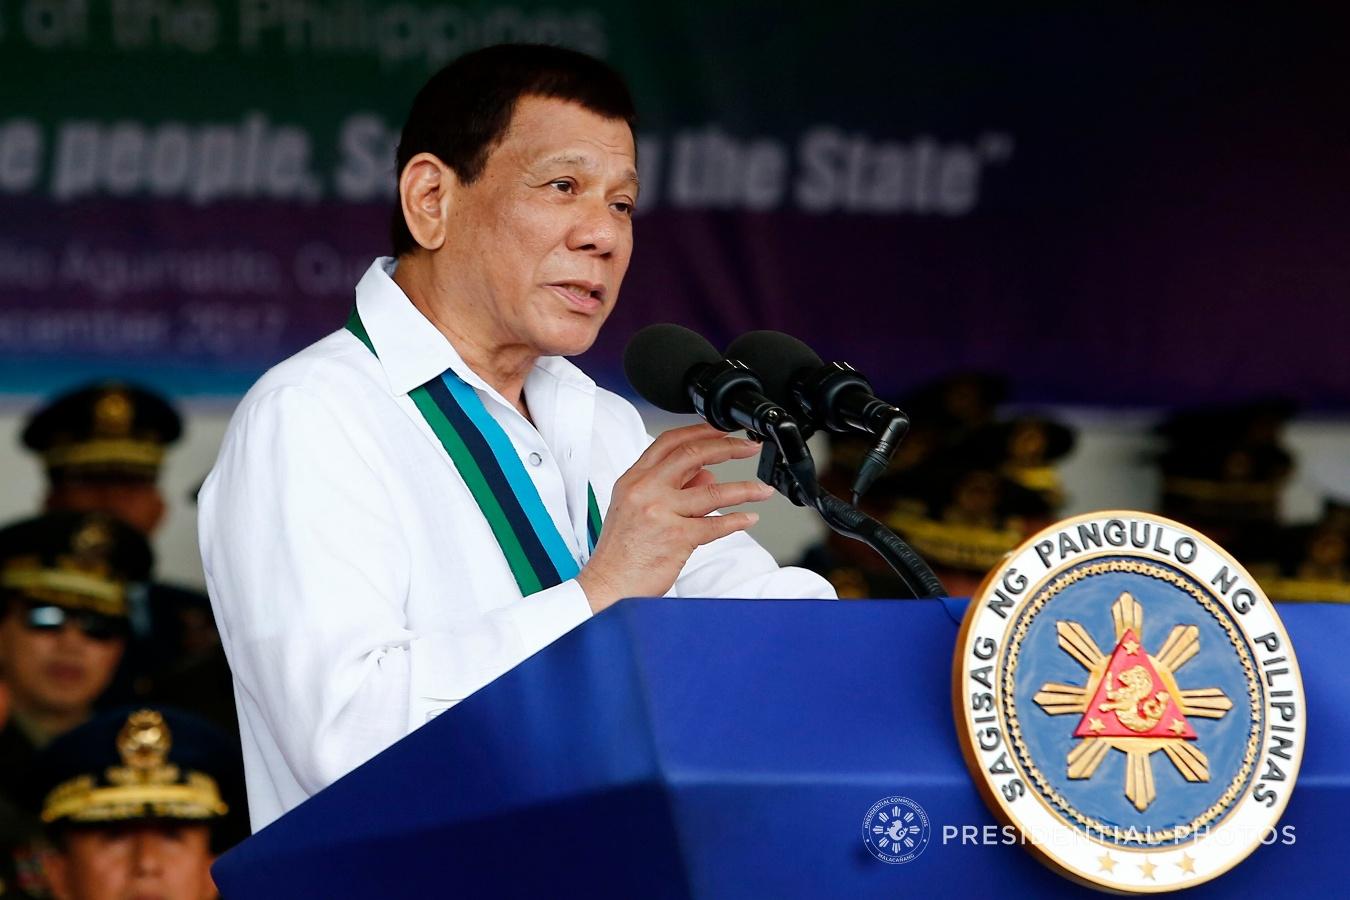 FILE: President Rodrigo Duterte. (PCOO PHOTO)